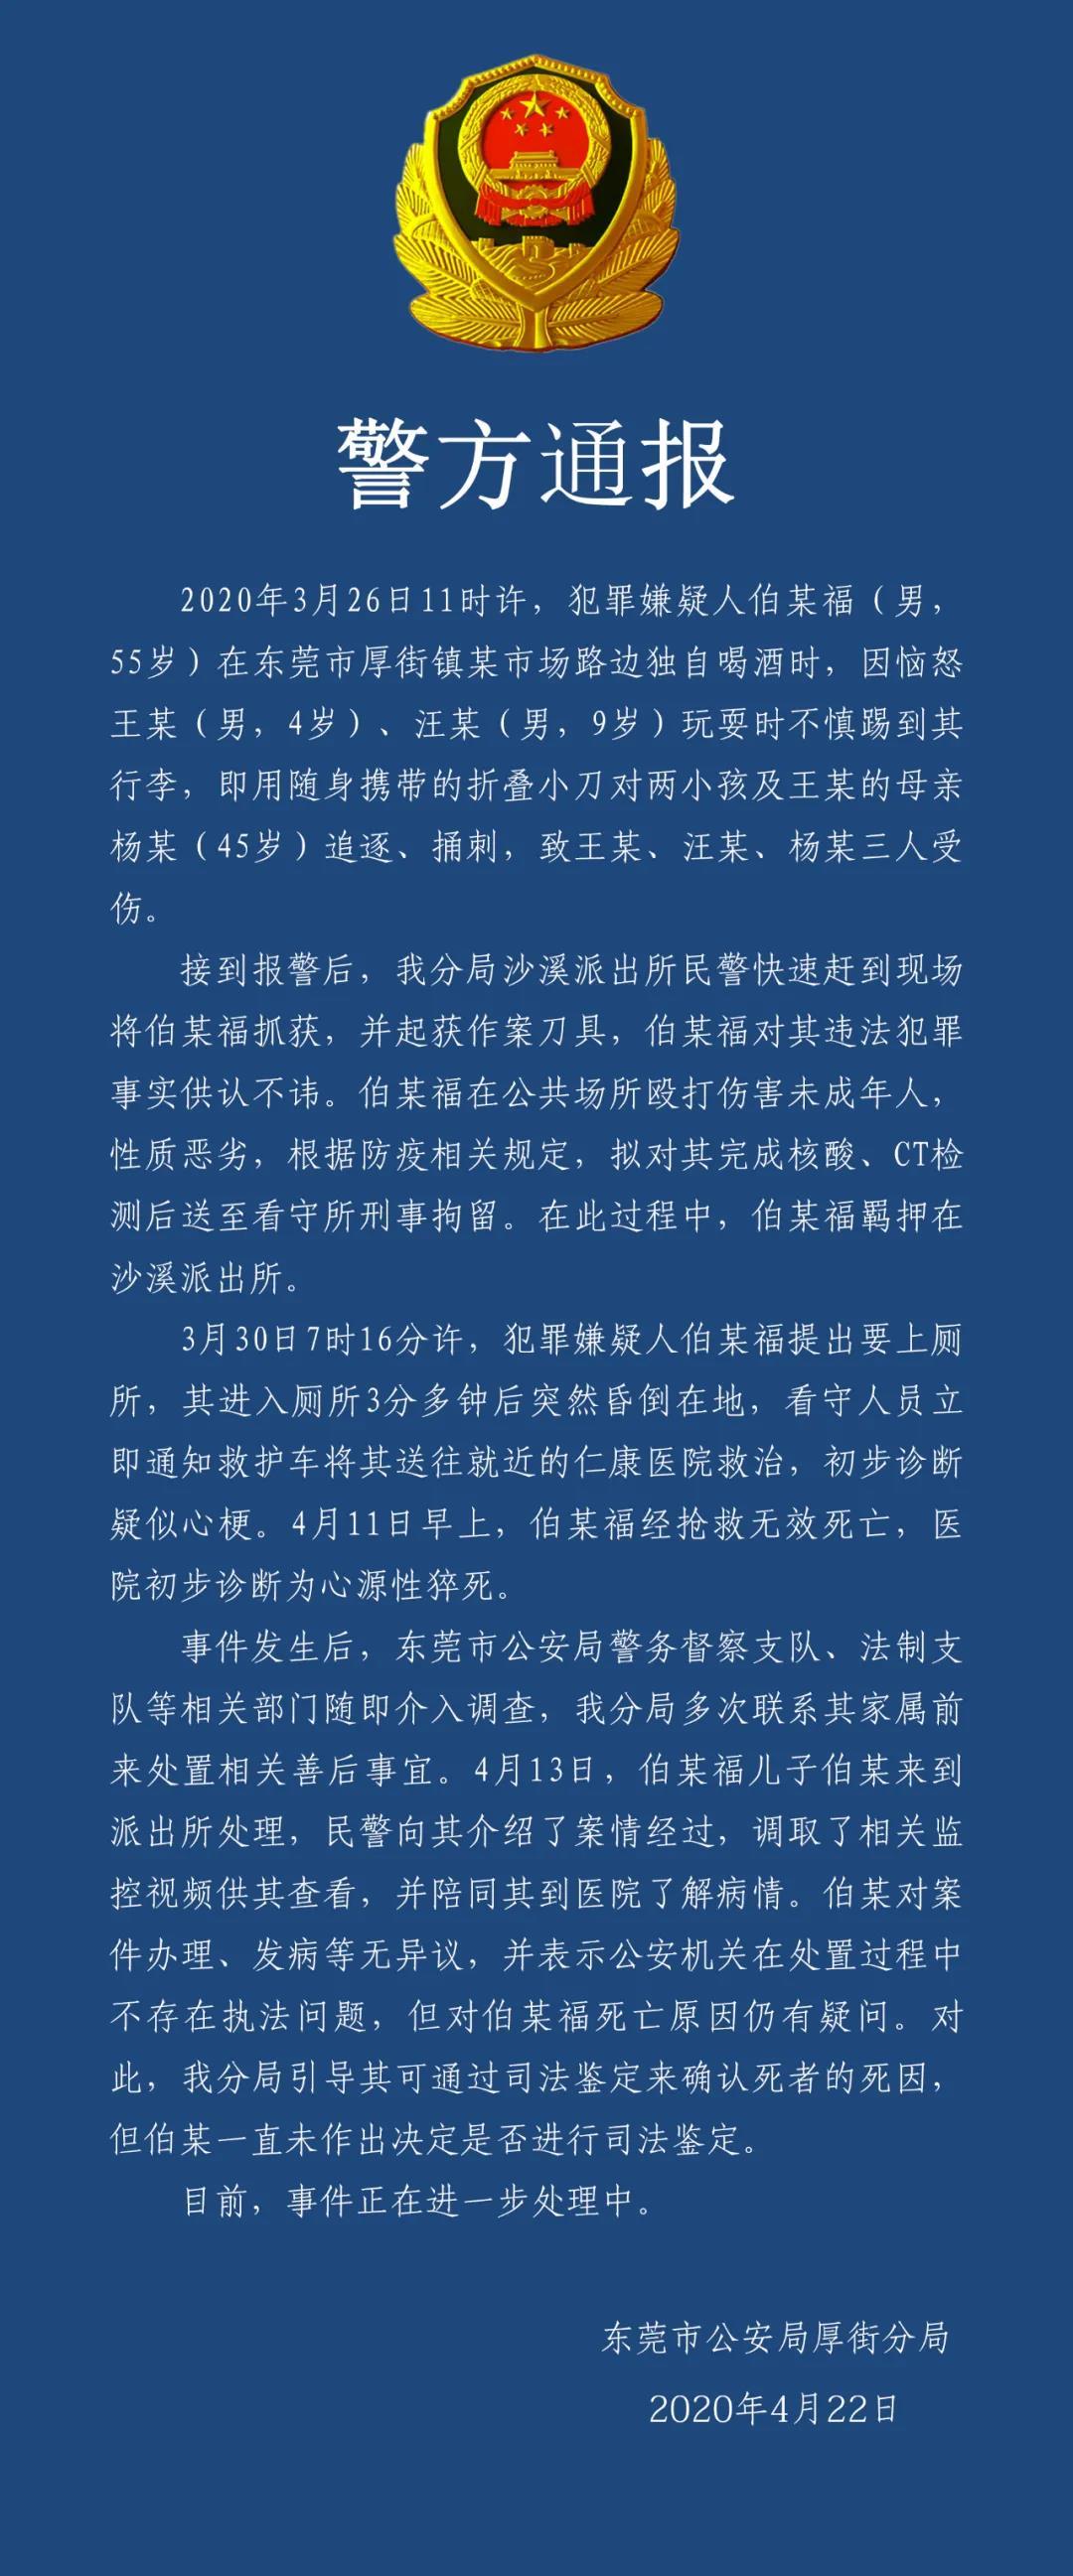 香港教育局促学校审图书教材 涉违香港国安法内容须移除